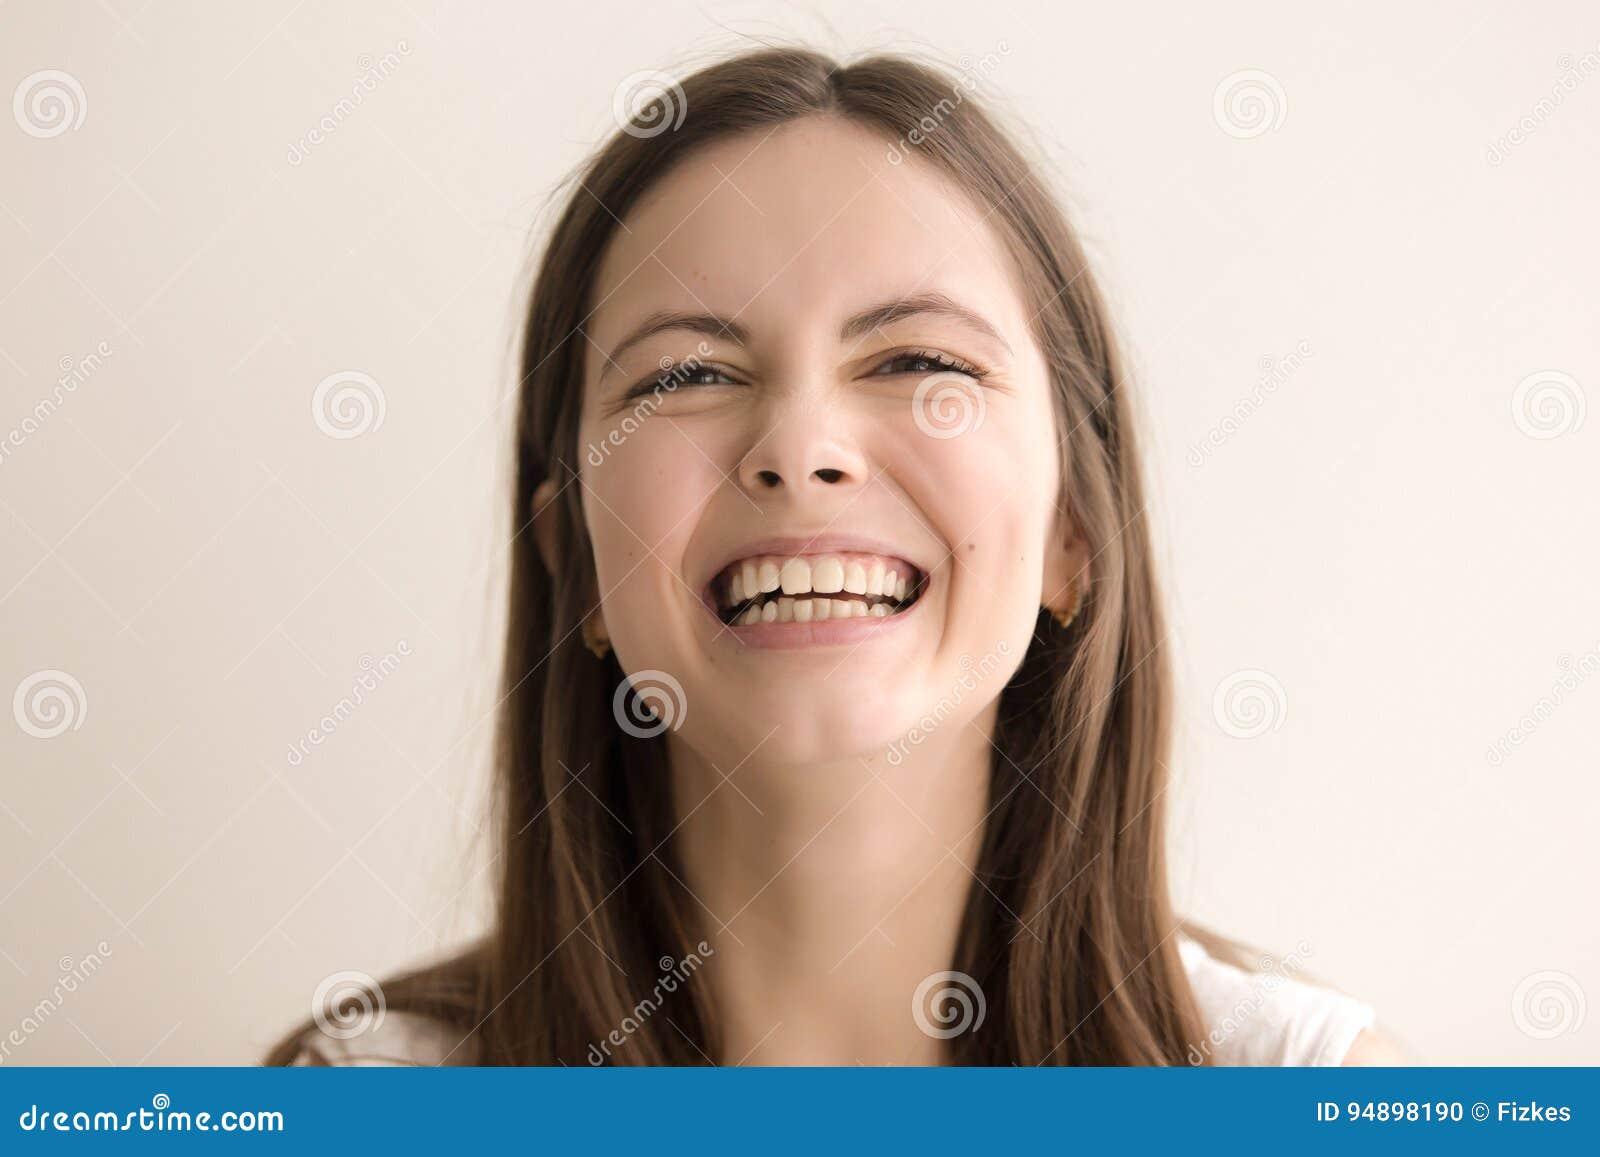 Эмотивный портрет выстрела в голову смеясь над молодой женщины